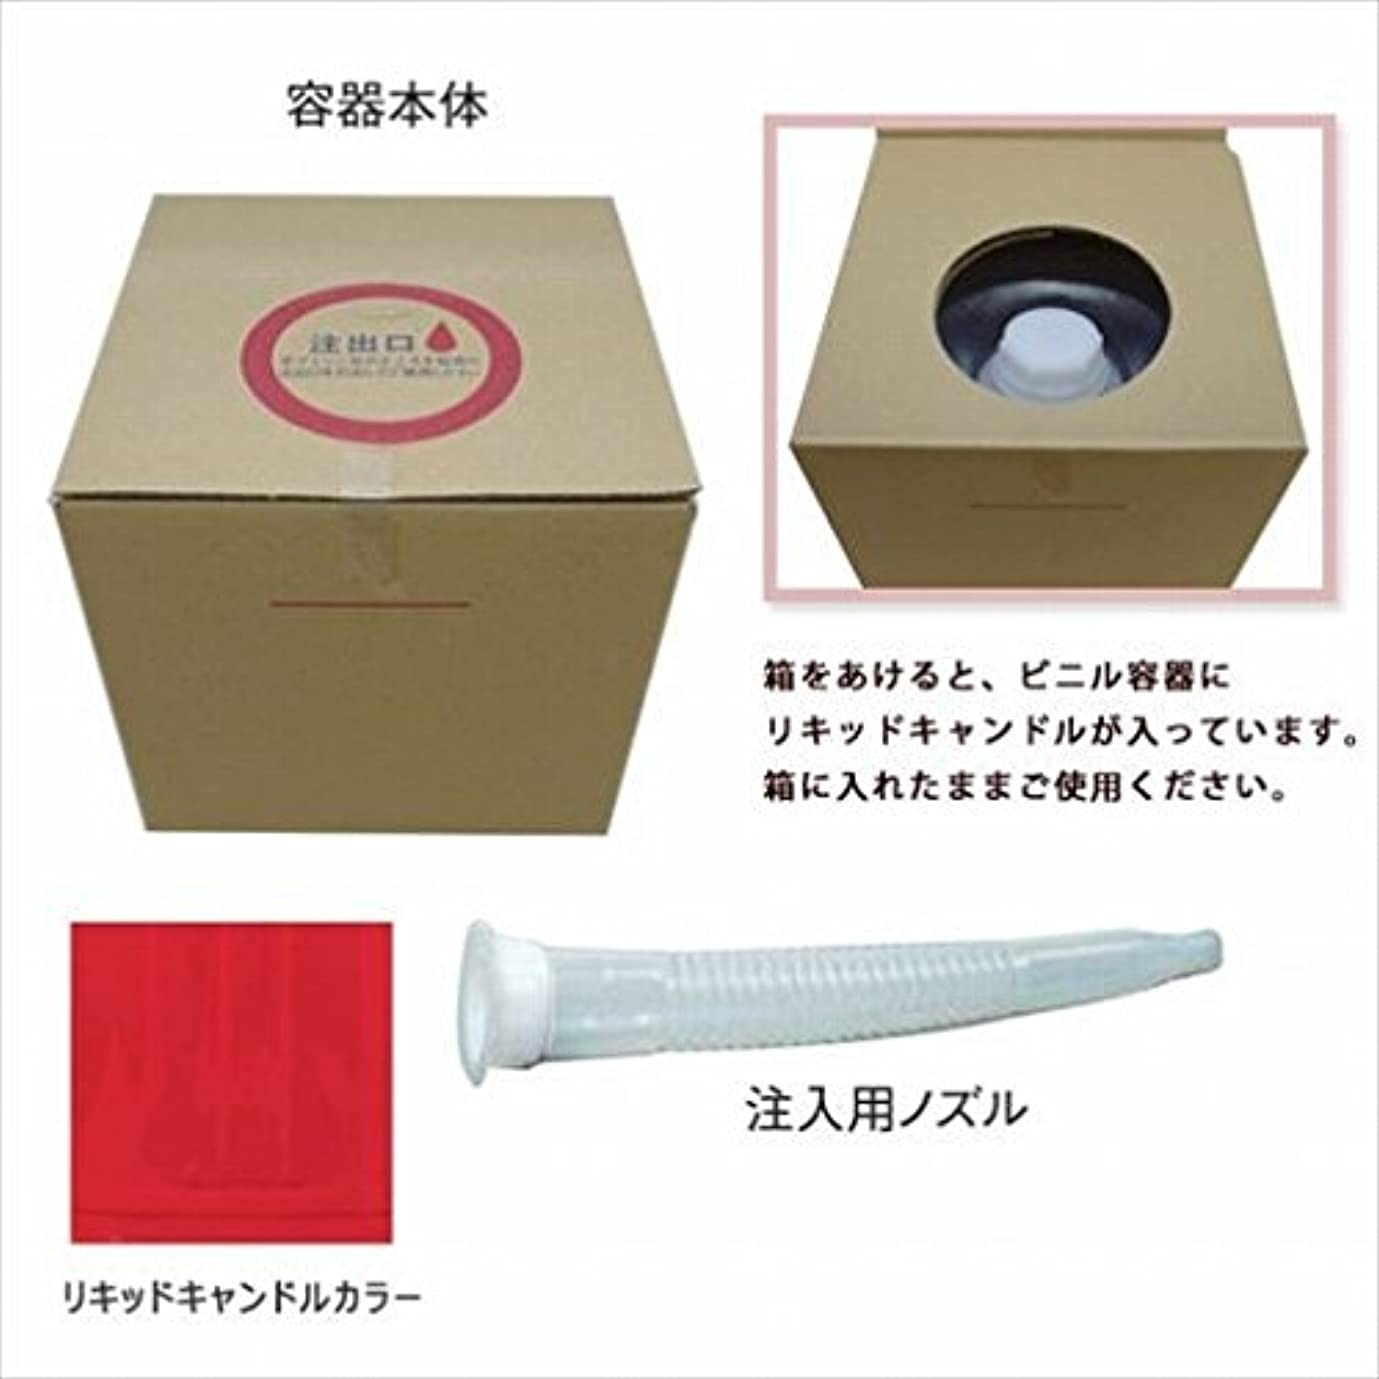 素晴らしいですバトルタイヤカメヤマキャンドル( kameyama candle ) リキッドキャンドル5リットル 「 レッド 」